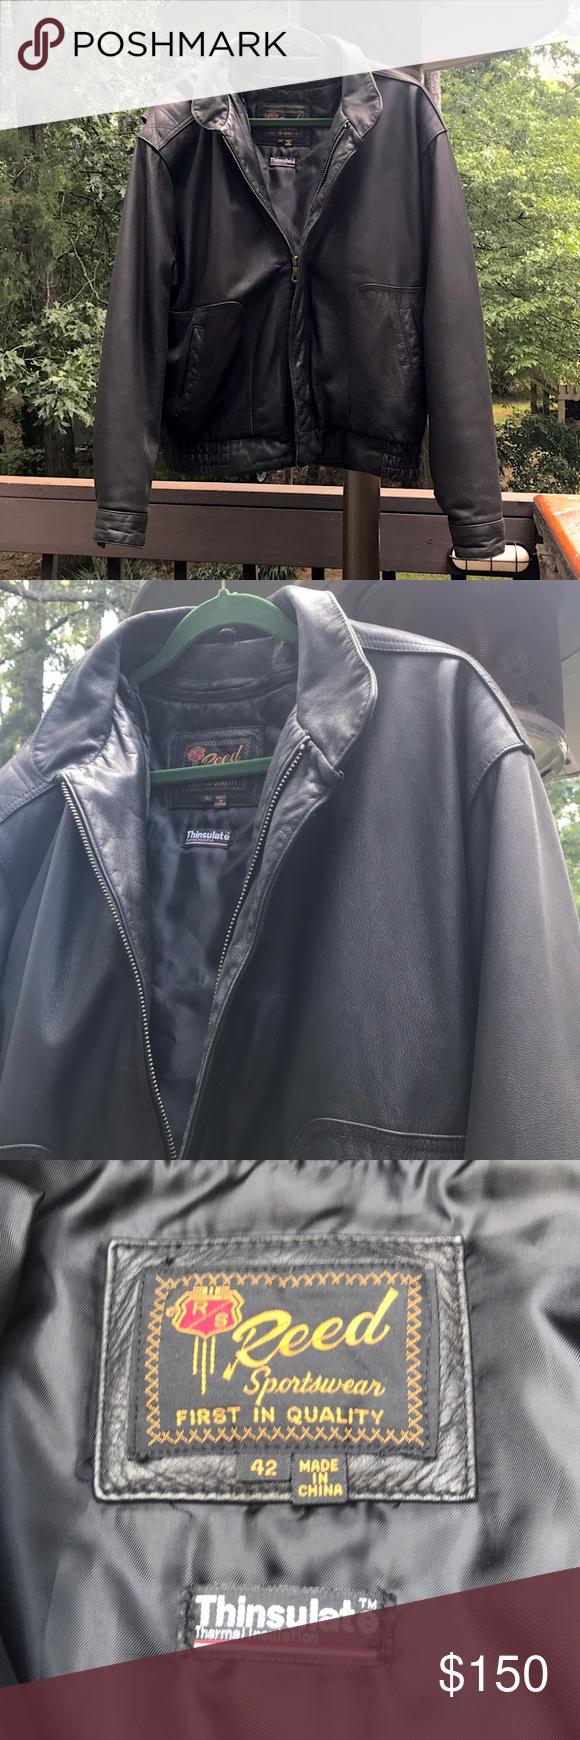 Reed Sportswear Leather Jacket Vintage Leather Jacket Vintage Jacket Harley Davidson Leather Jackets [ 1740 x 580 Pixel ]